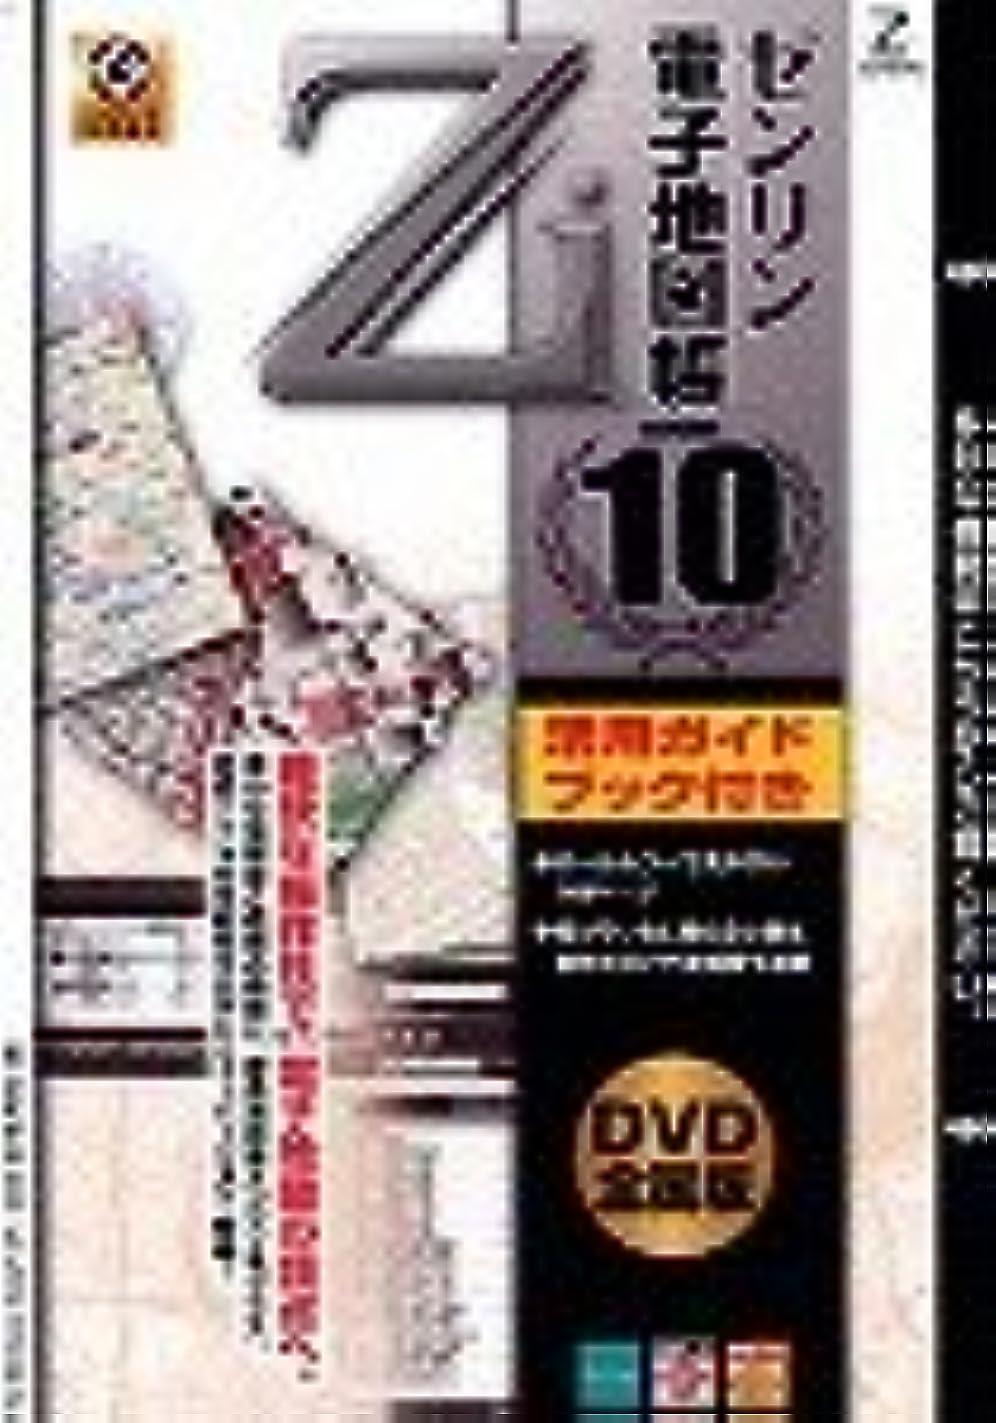 ナイトスポット保証する差別化するゼンリン電子地図帳Zi10 全国版DVDガイドブック付き